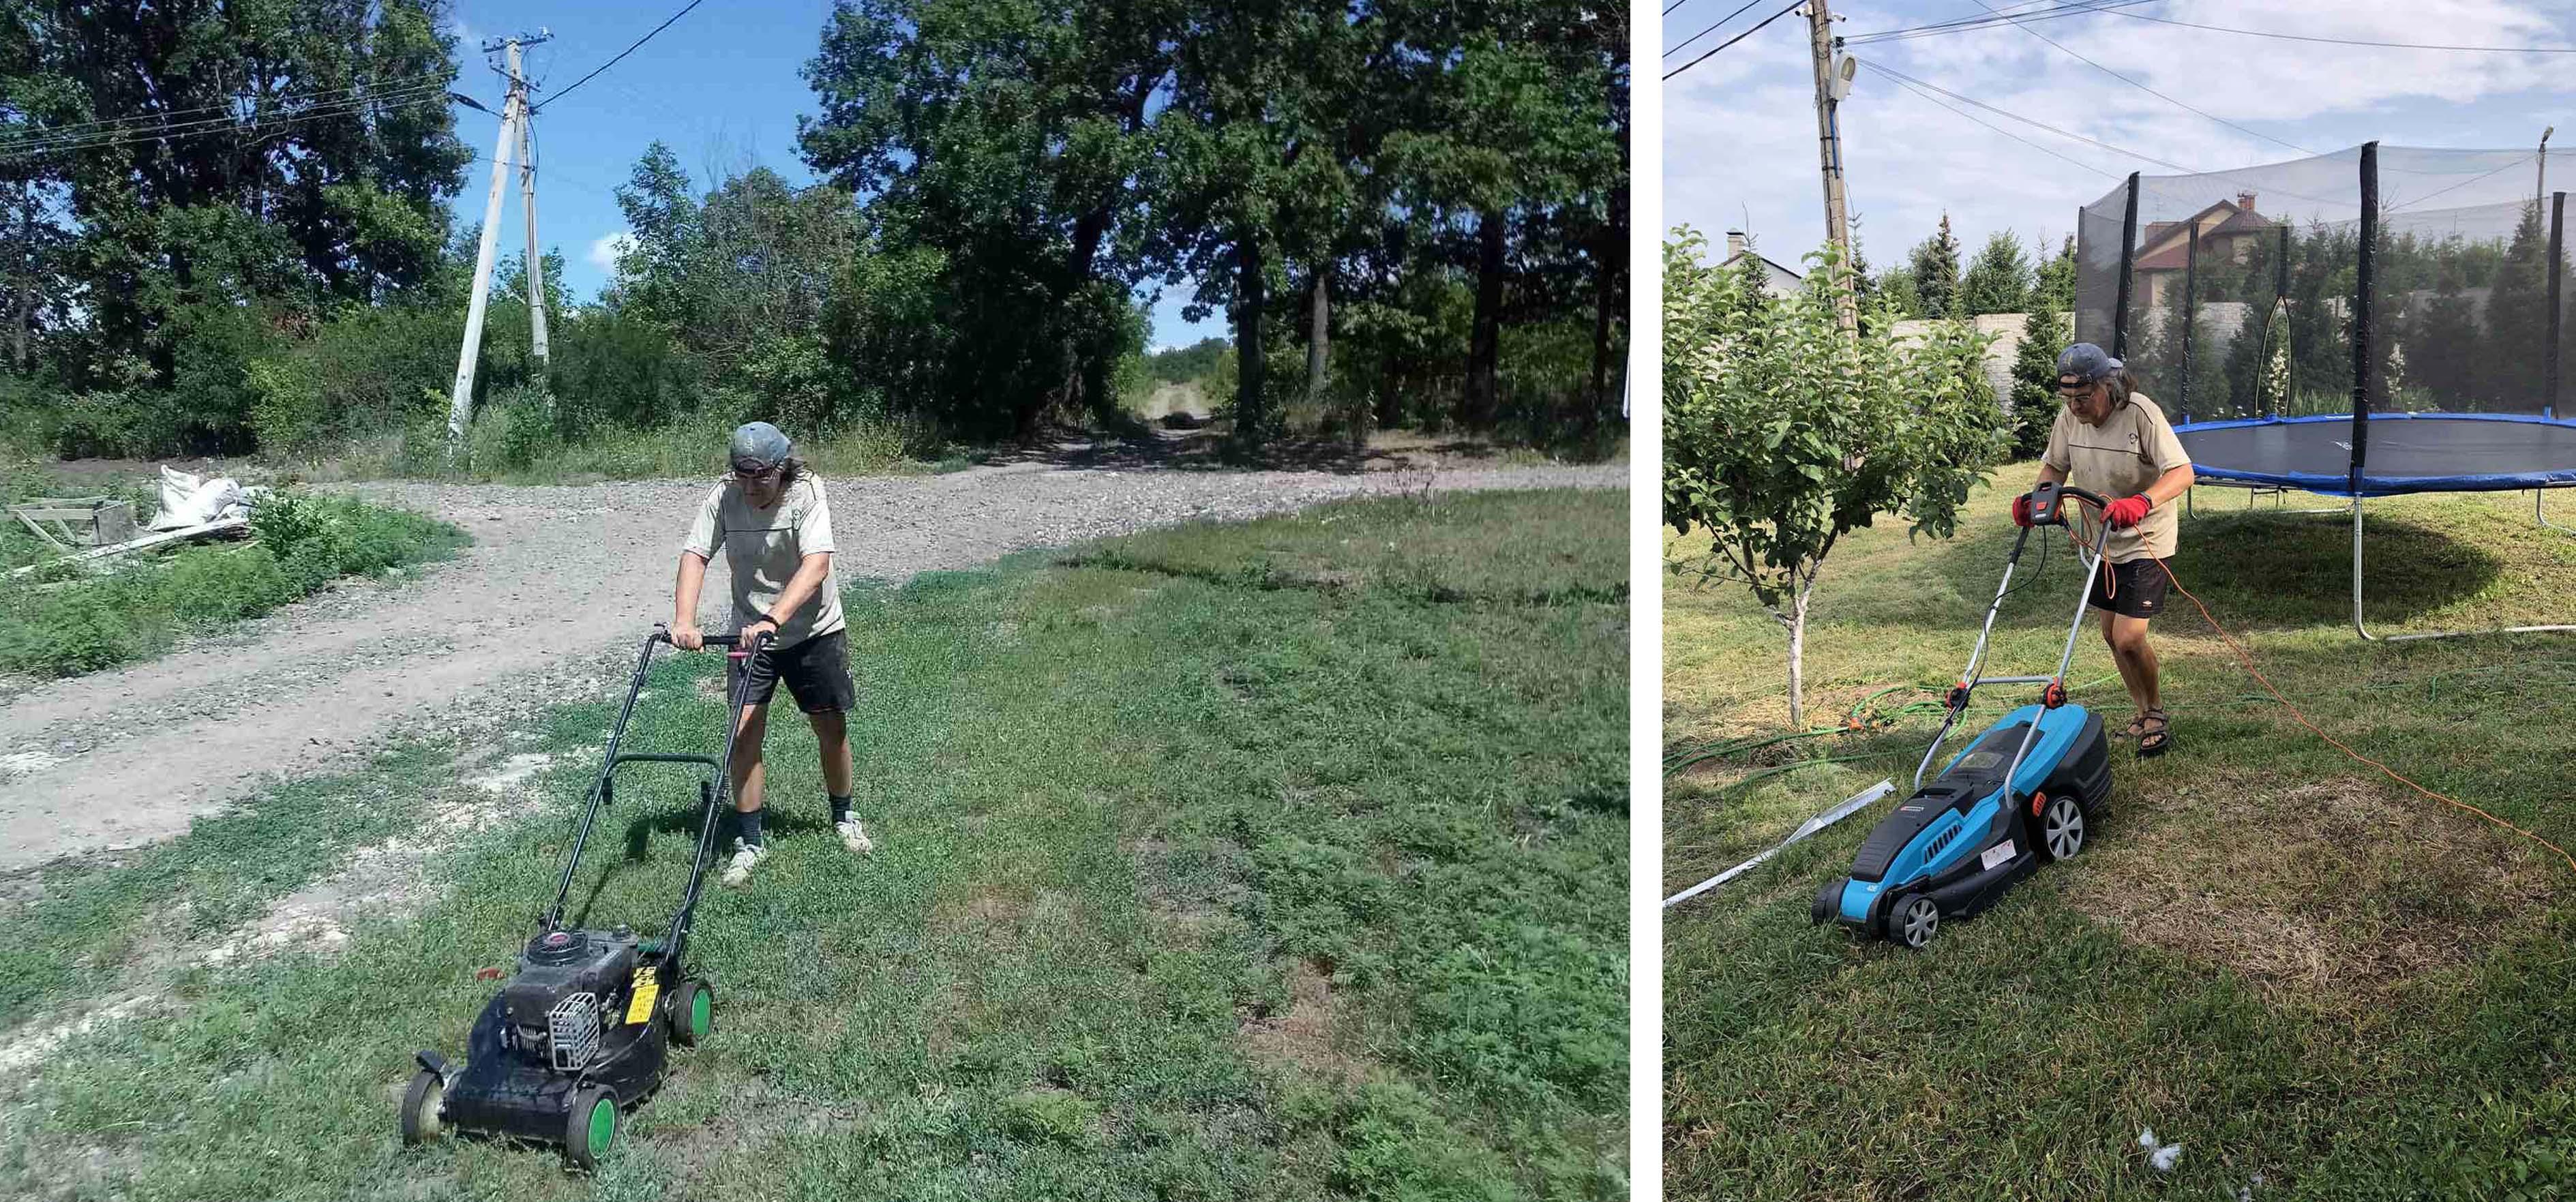 Фото Покос травы в 2-х разных местах в июле 2020 года. В одном месте косил бензиновой газонокосилкой, в другом - электрической. Потраченное время в обоих случаях около 2-х часов. Бензиновой косить удобнее и быстрее, т.к. не привязан к шнуру. Косилки в обоих случаях хозяйские, не мои.